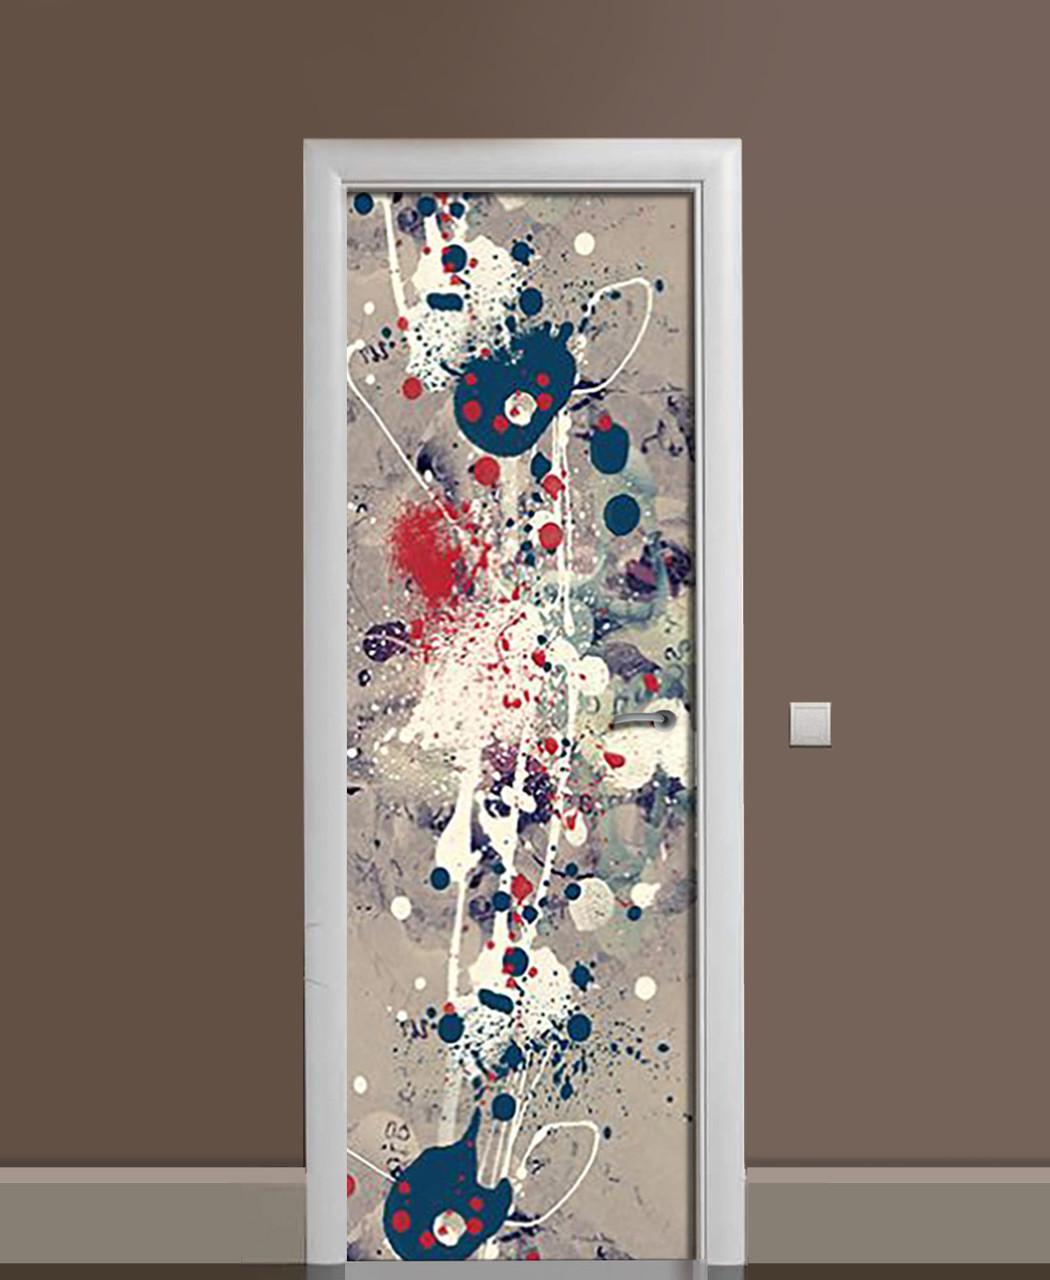 Декоративна наклейка на двері Бризки фарби Плями ПВХ плівка з ламінуванням 65*200см Абстракція Сірий